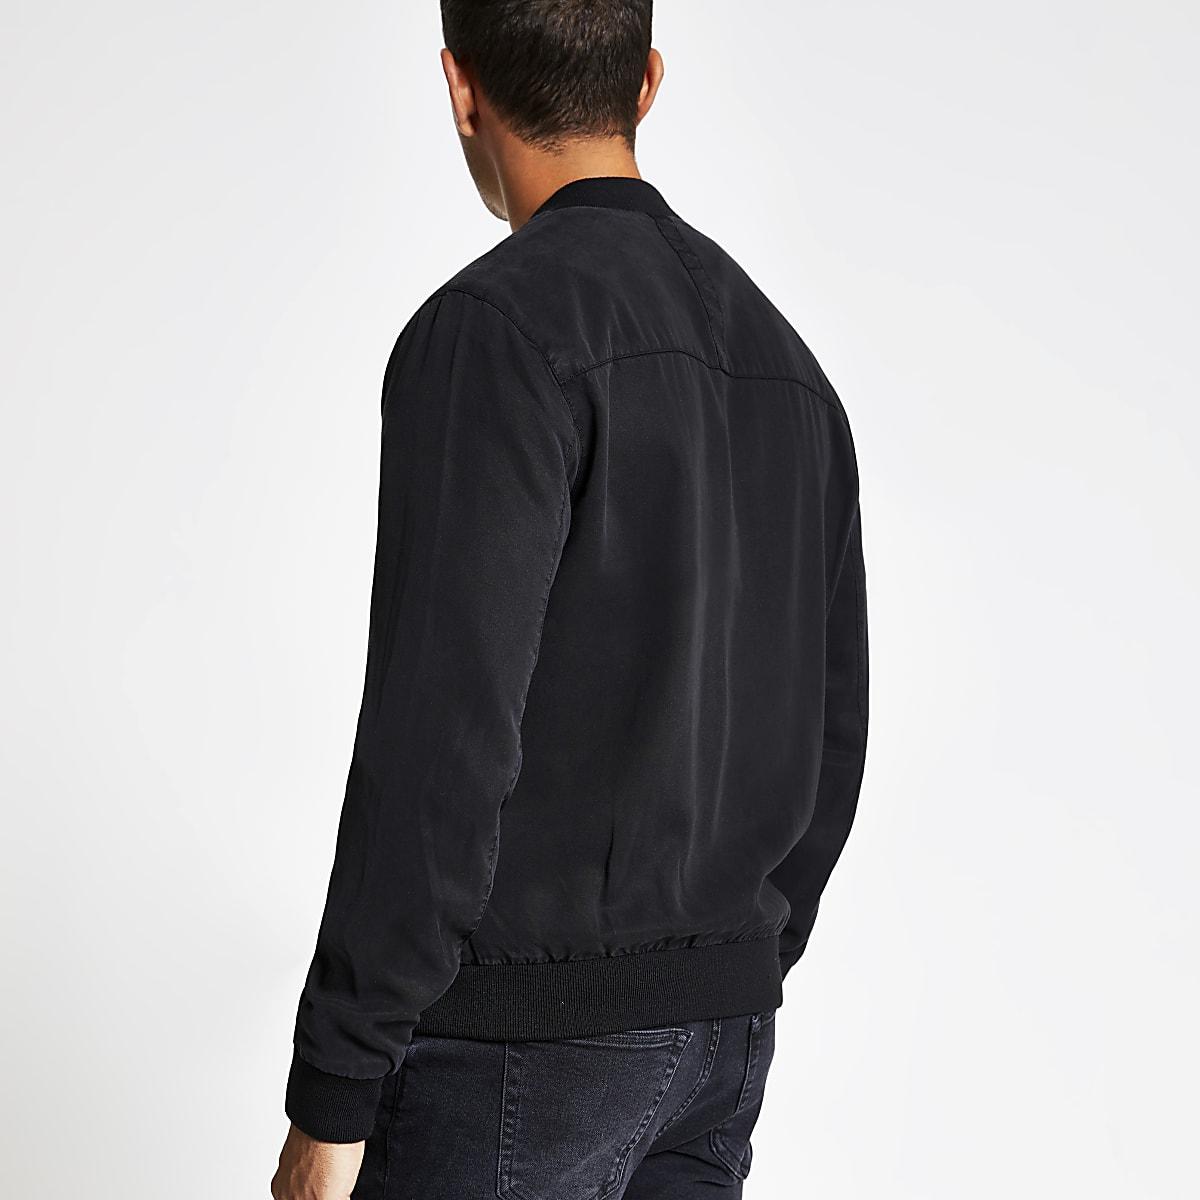 eee26bdde Black utility zip front bomber jacket